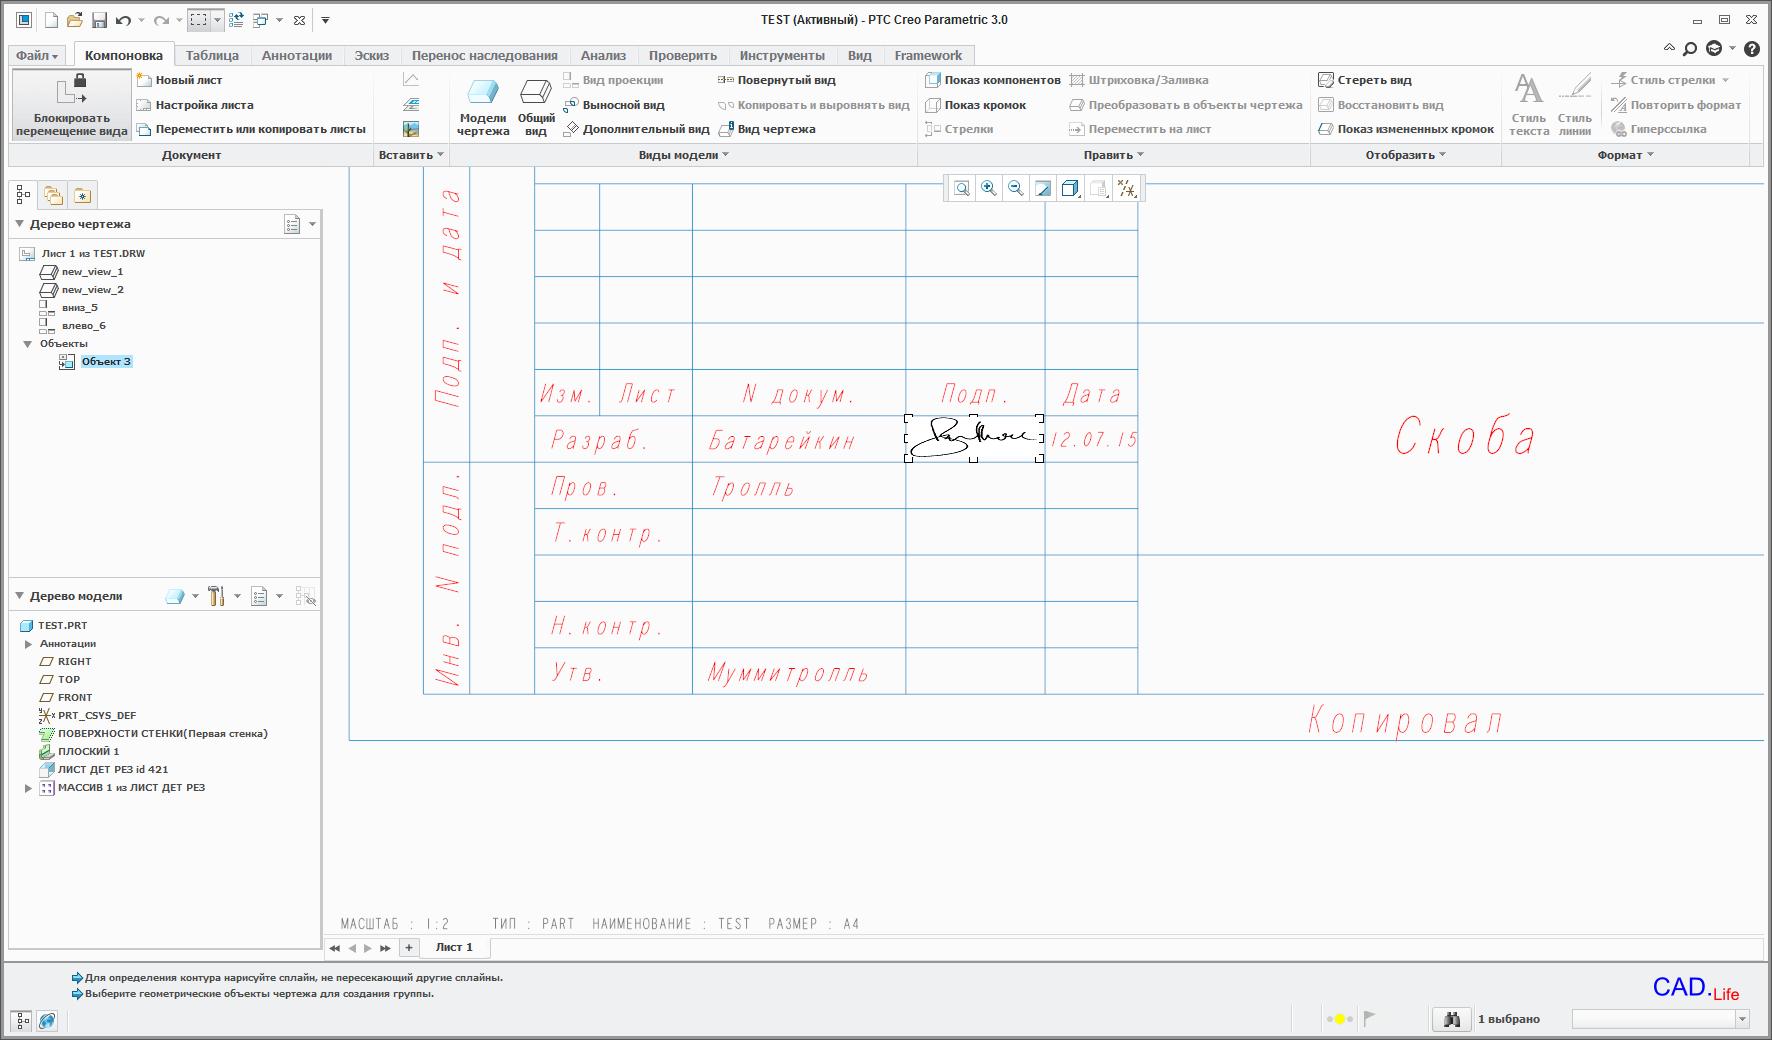 Рис.2. Настройка файла изображения в формате BMP